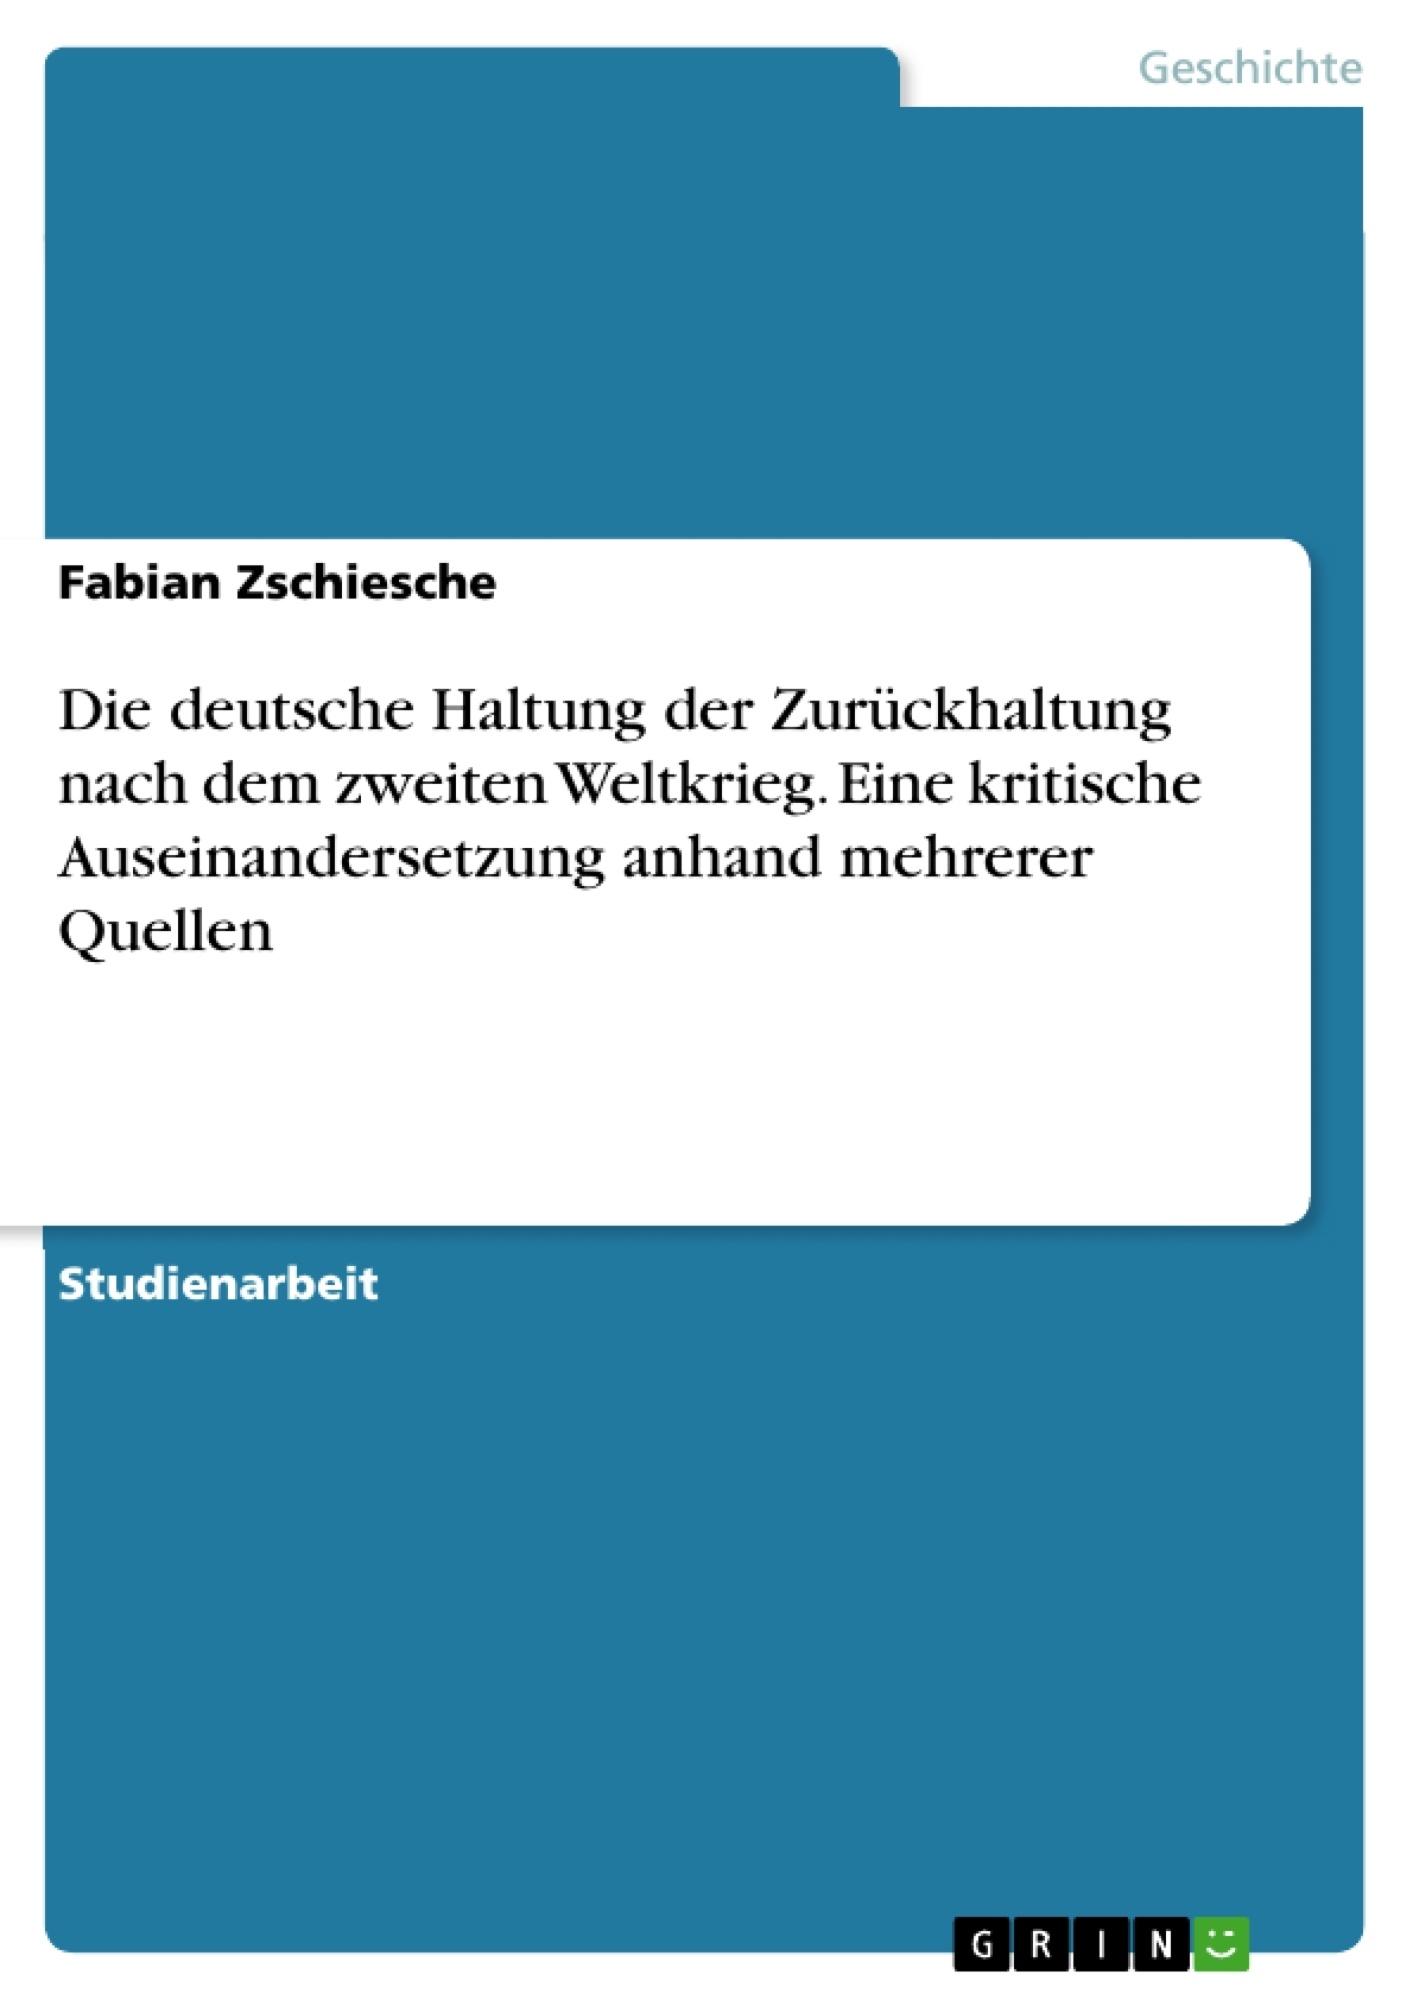 Titel: Die deutsche Haltung der Zurückhaltung nach dem zweiten Weltkrieg. Eine kritische Auseinandersetzung anhand mehrerer Quellen